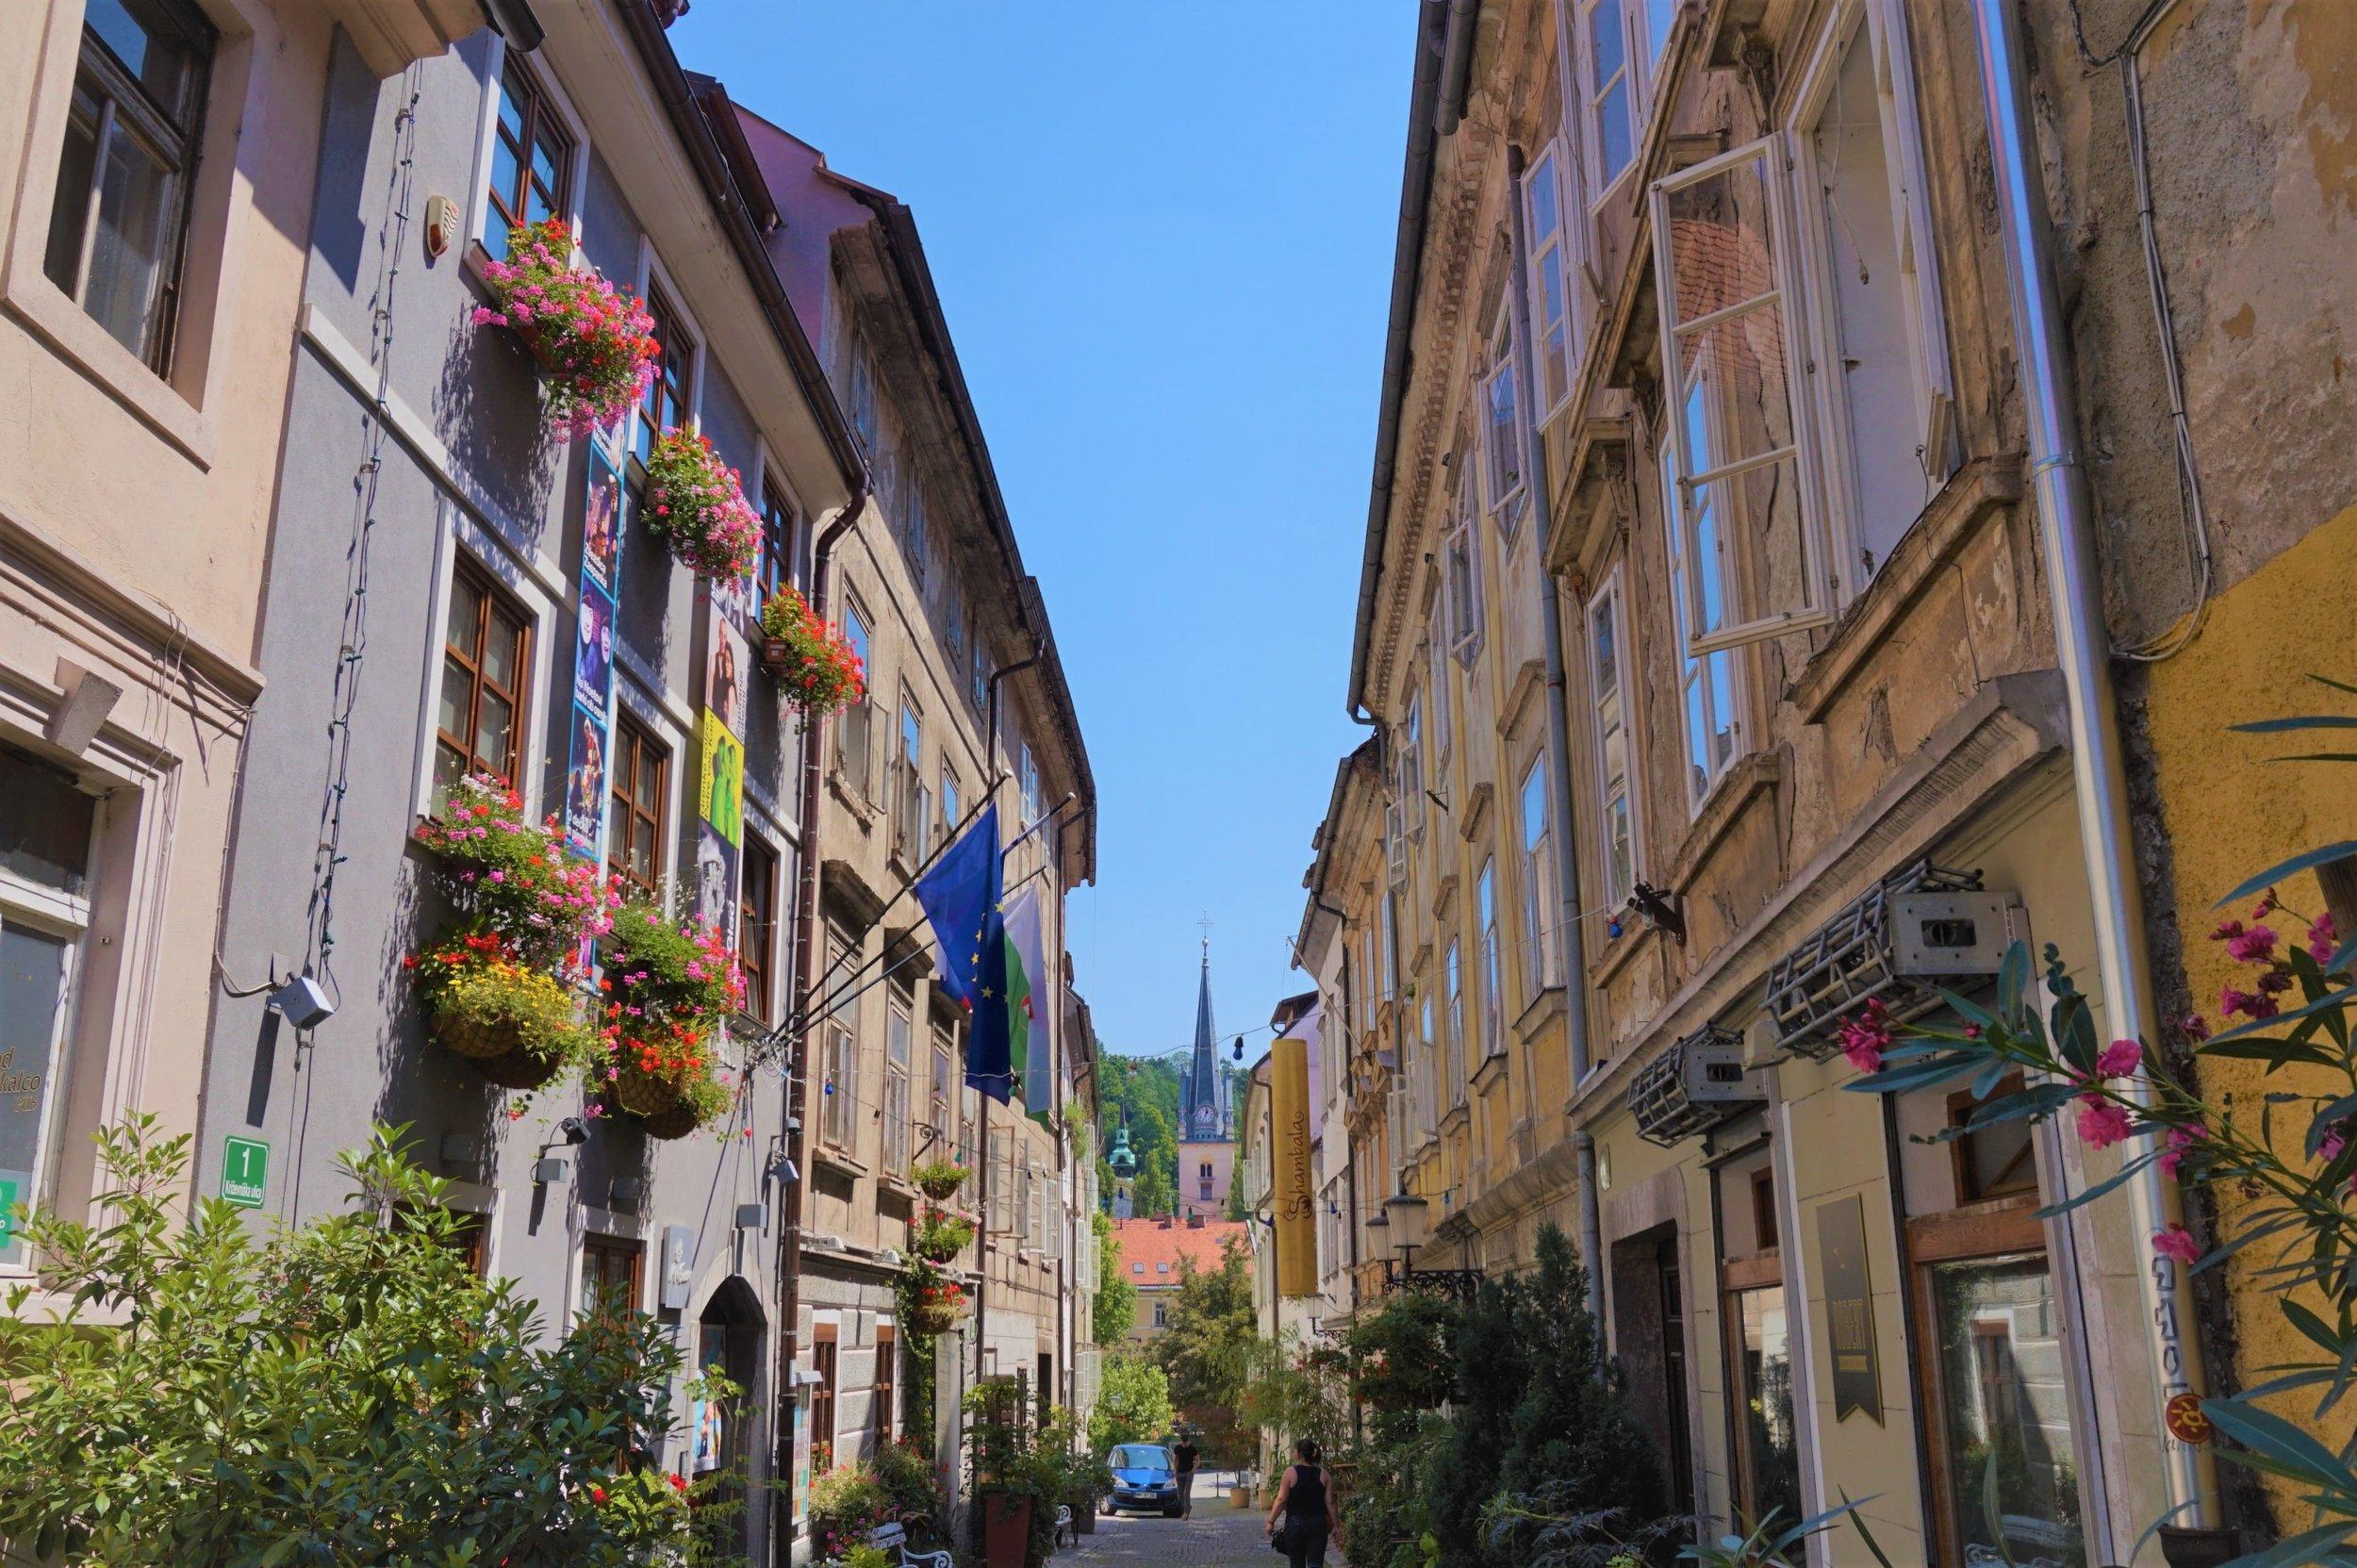 Street of Ljubljana, Slovenia which has a beautiful old town #slovenia #ljubjana